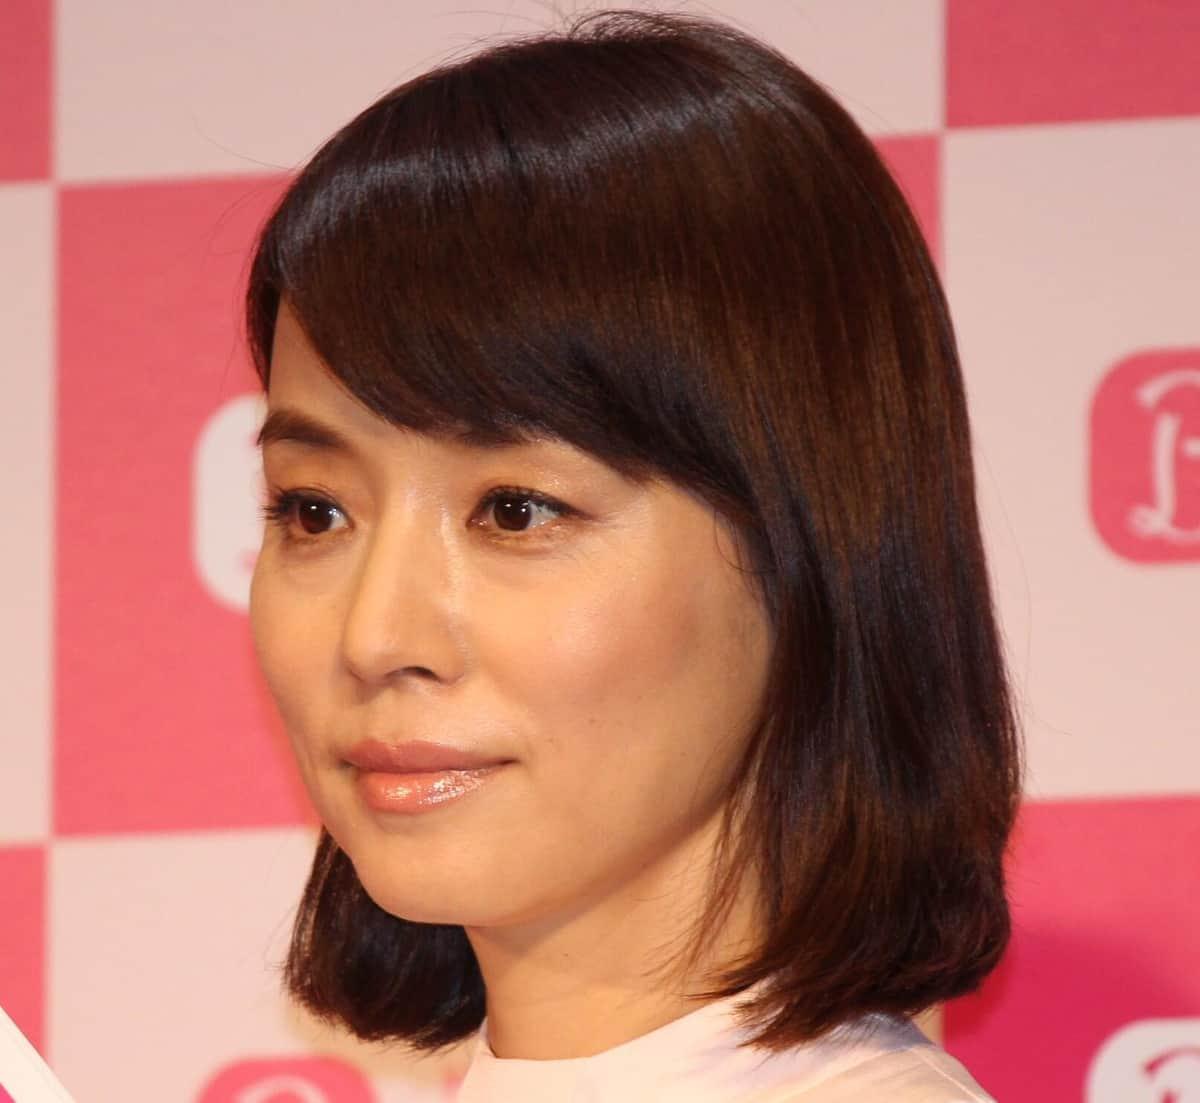 石田ゆり子「こんな姿勢でずっとNetflixをみていた」 「だらけた」プライベート写真公開